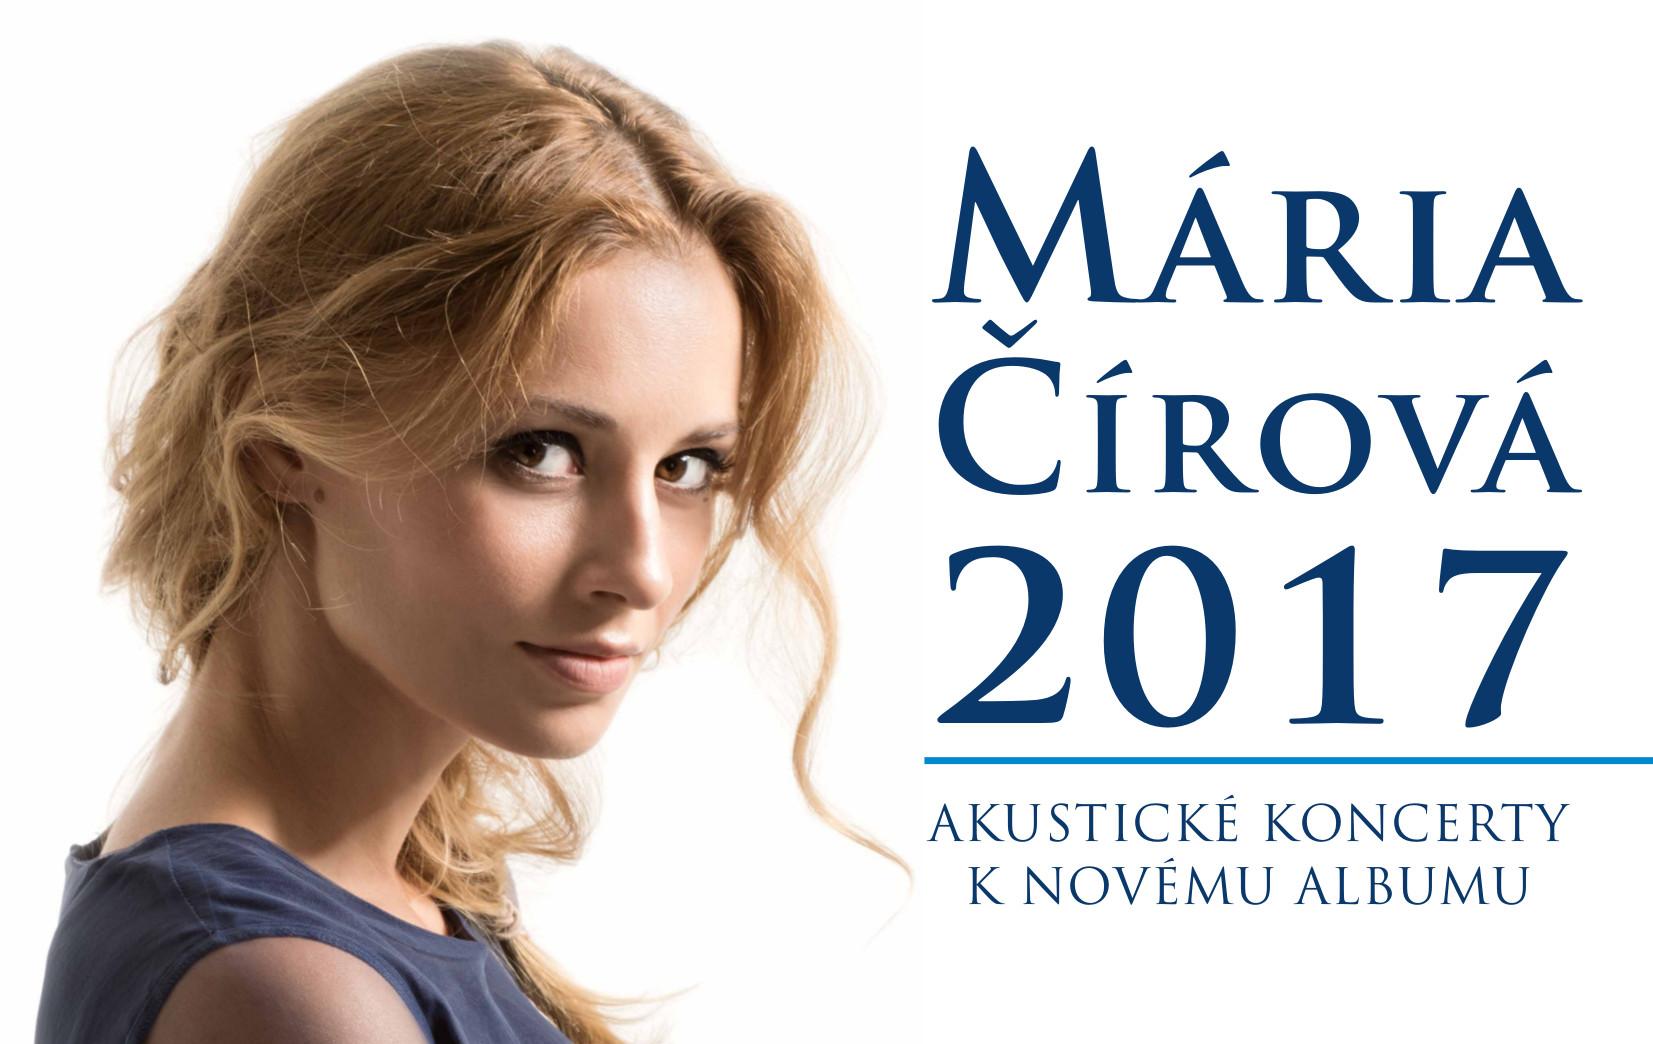 787cc1cebcef MÁRIA ČÍROVÁ  2017 Akustické koncerty k - Kam v meste